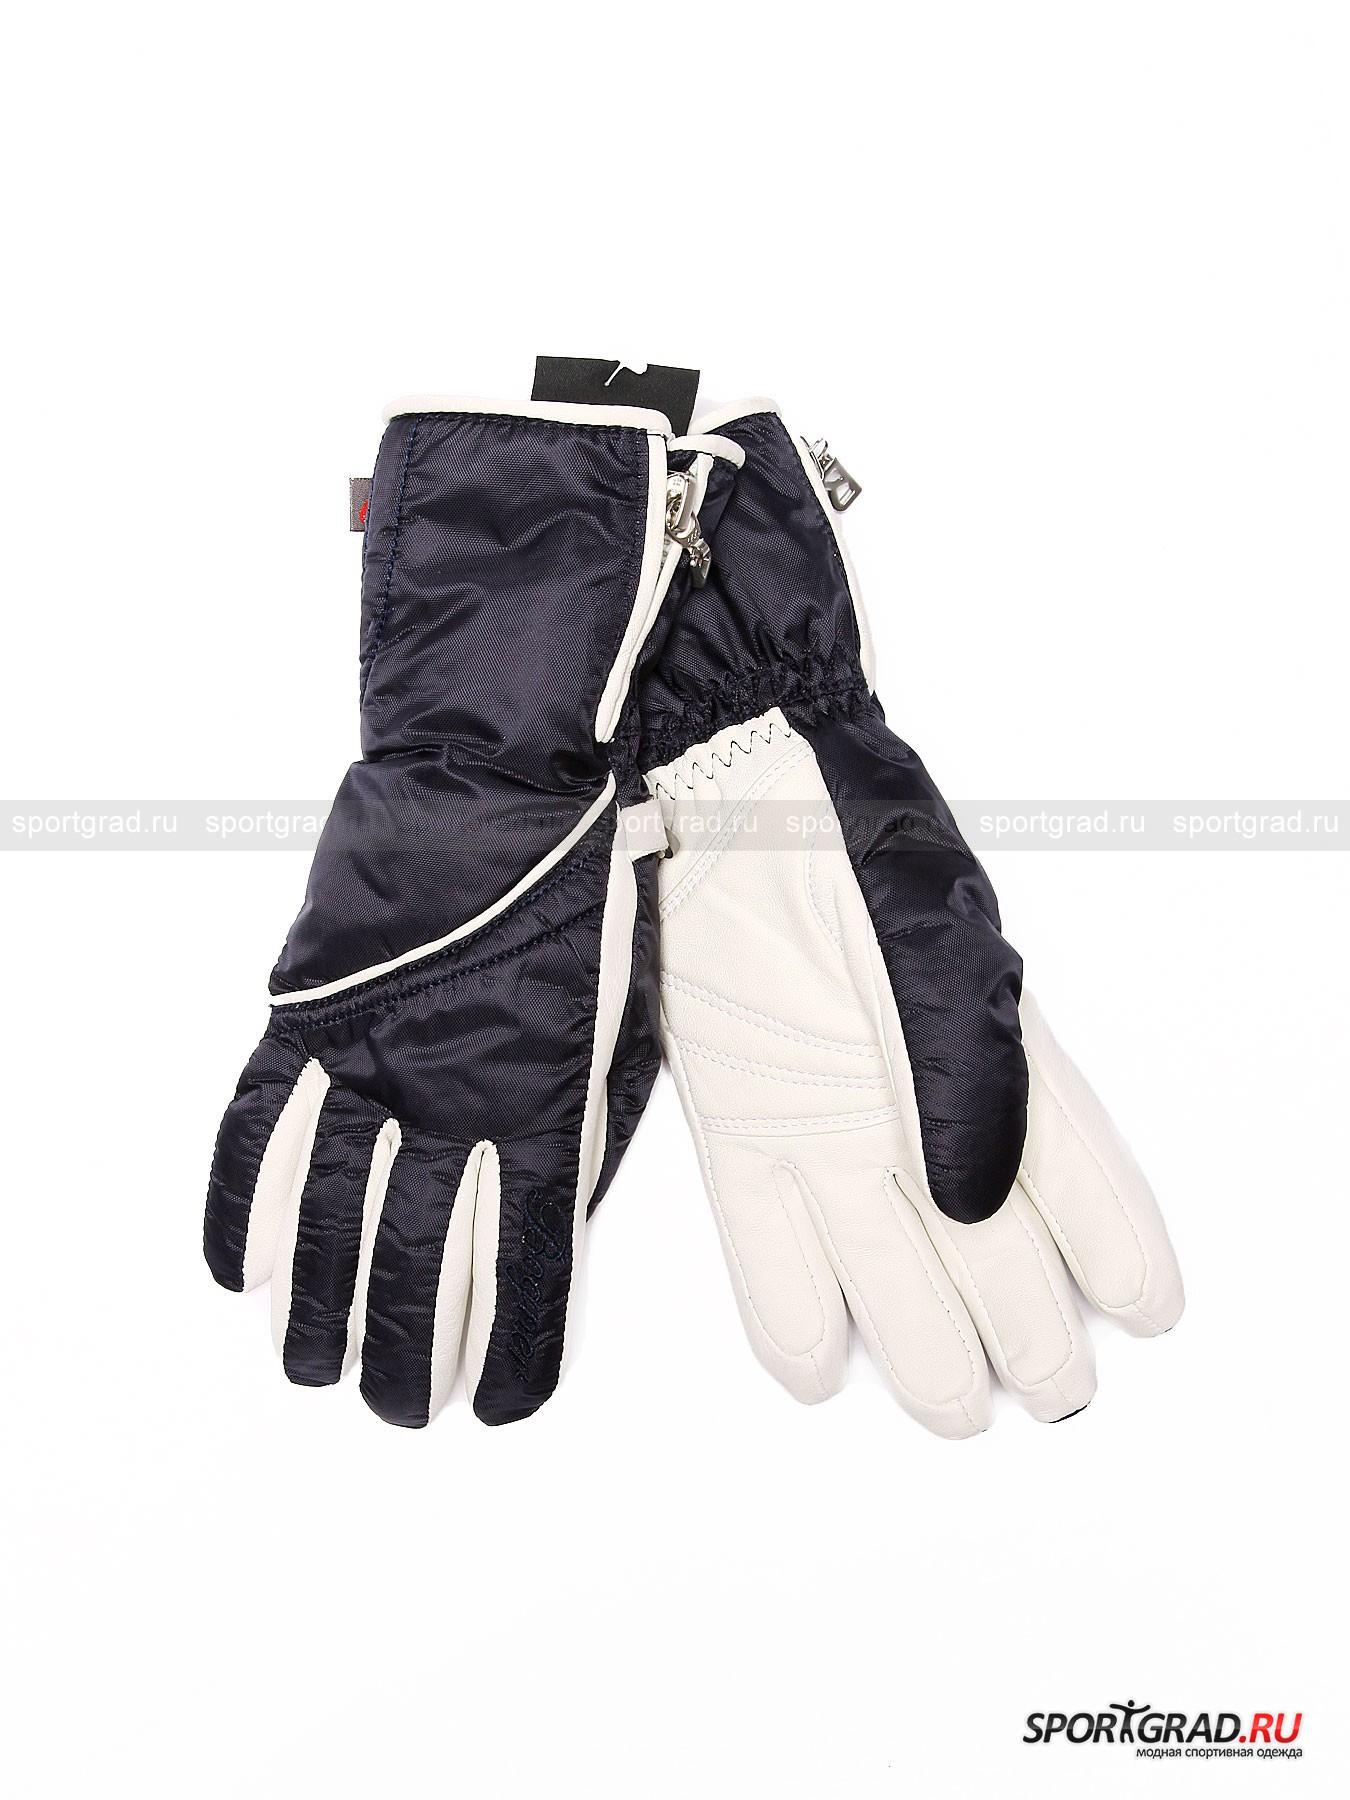 Перчатки женские горнолыжные Hannah r-tex  BOGNER от Спортград